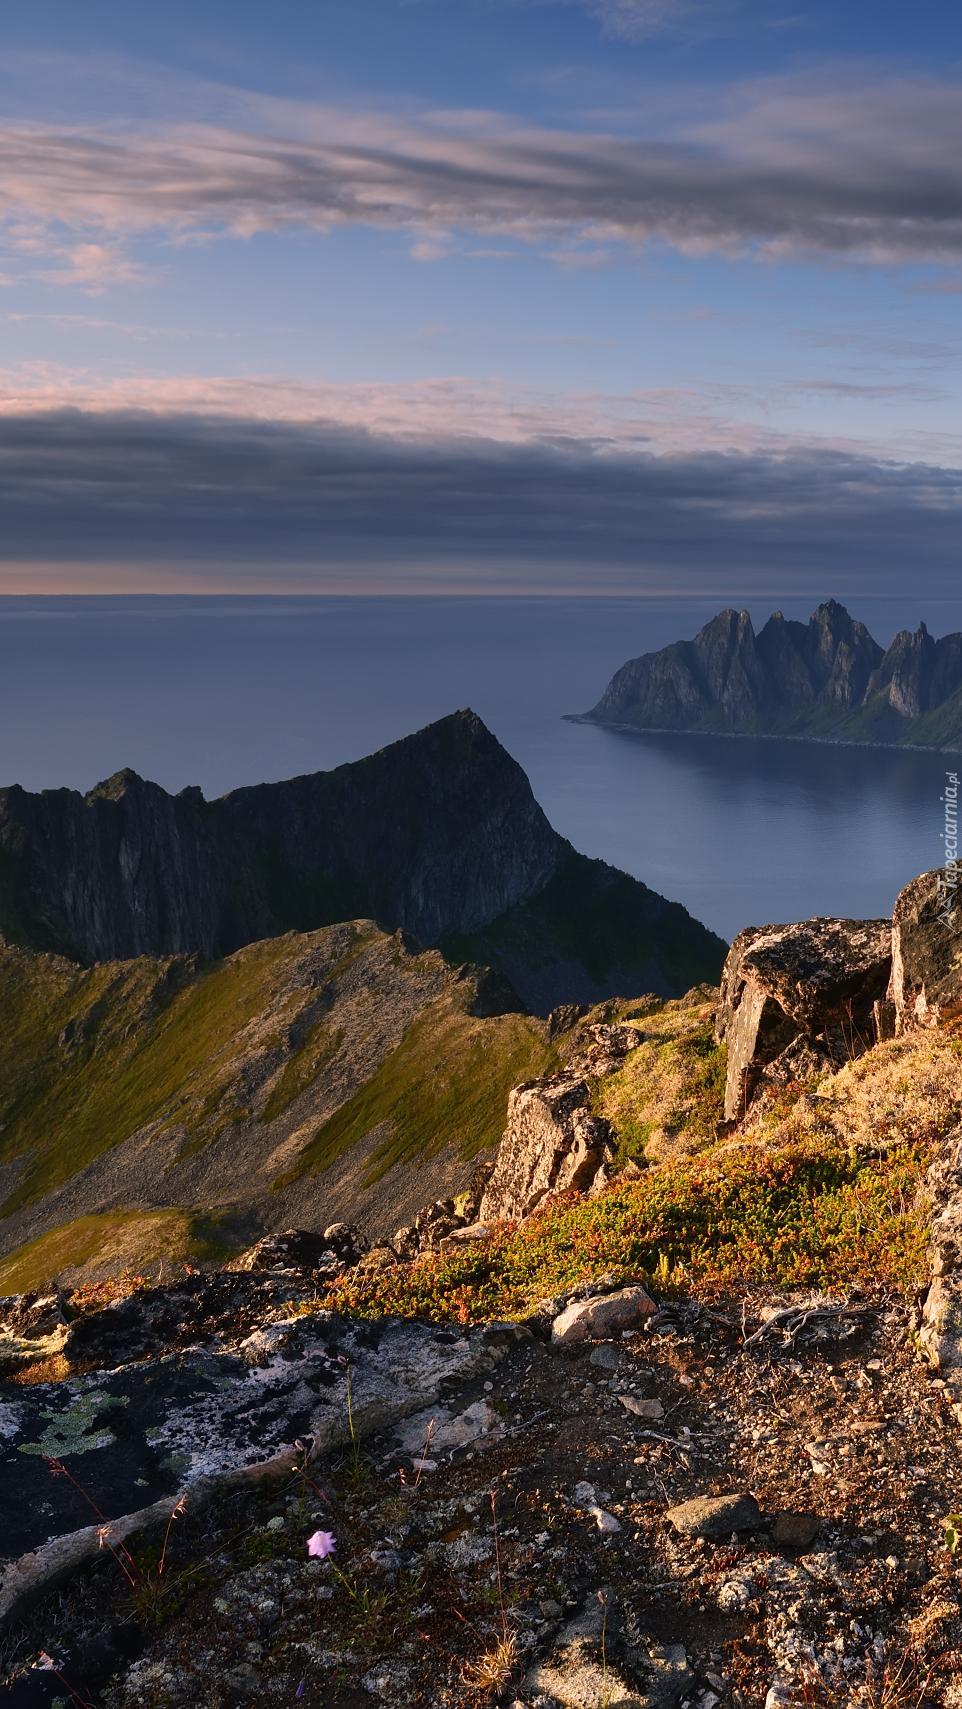 Skały na wybrzeżu wyspy Senja w Norwegii